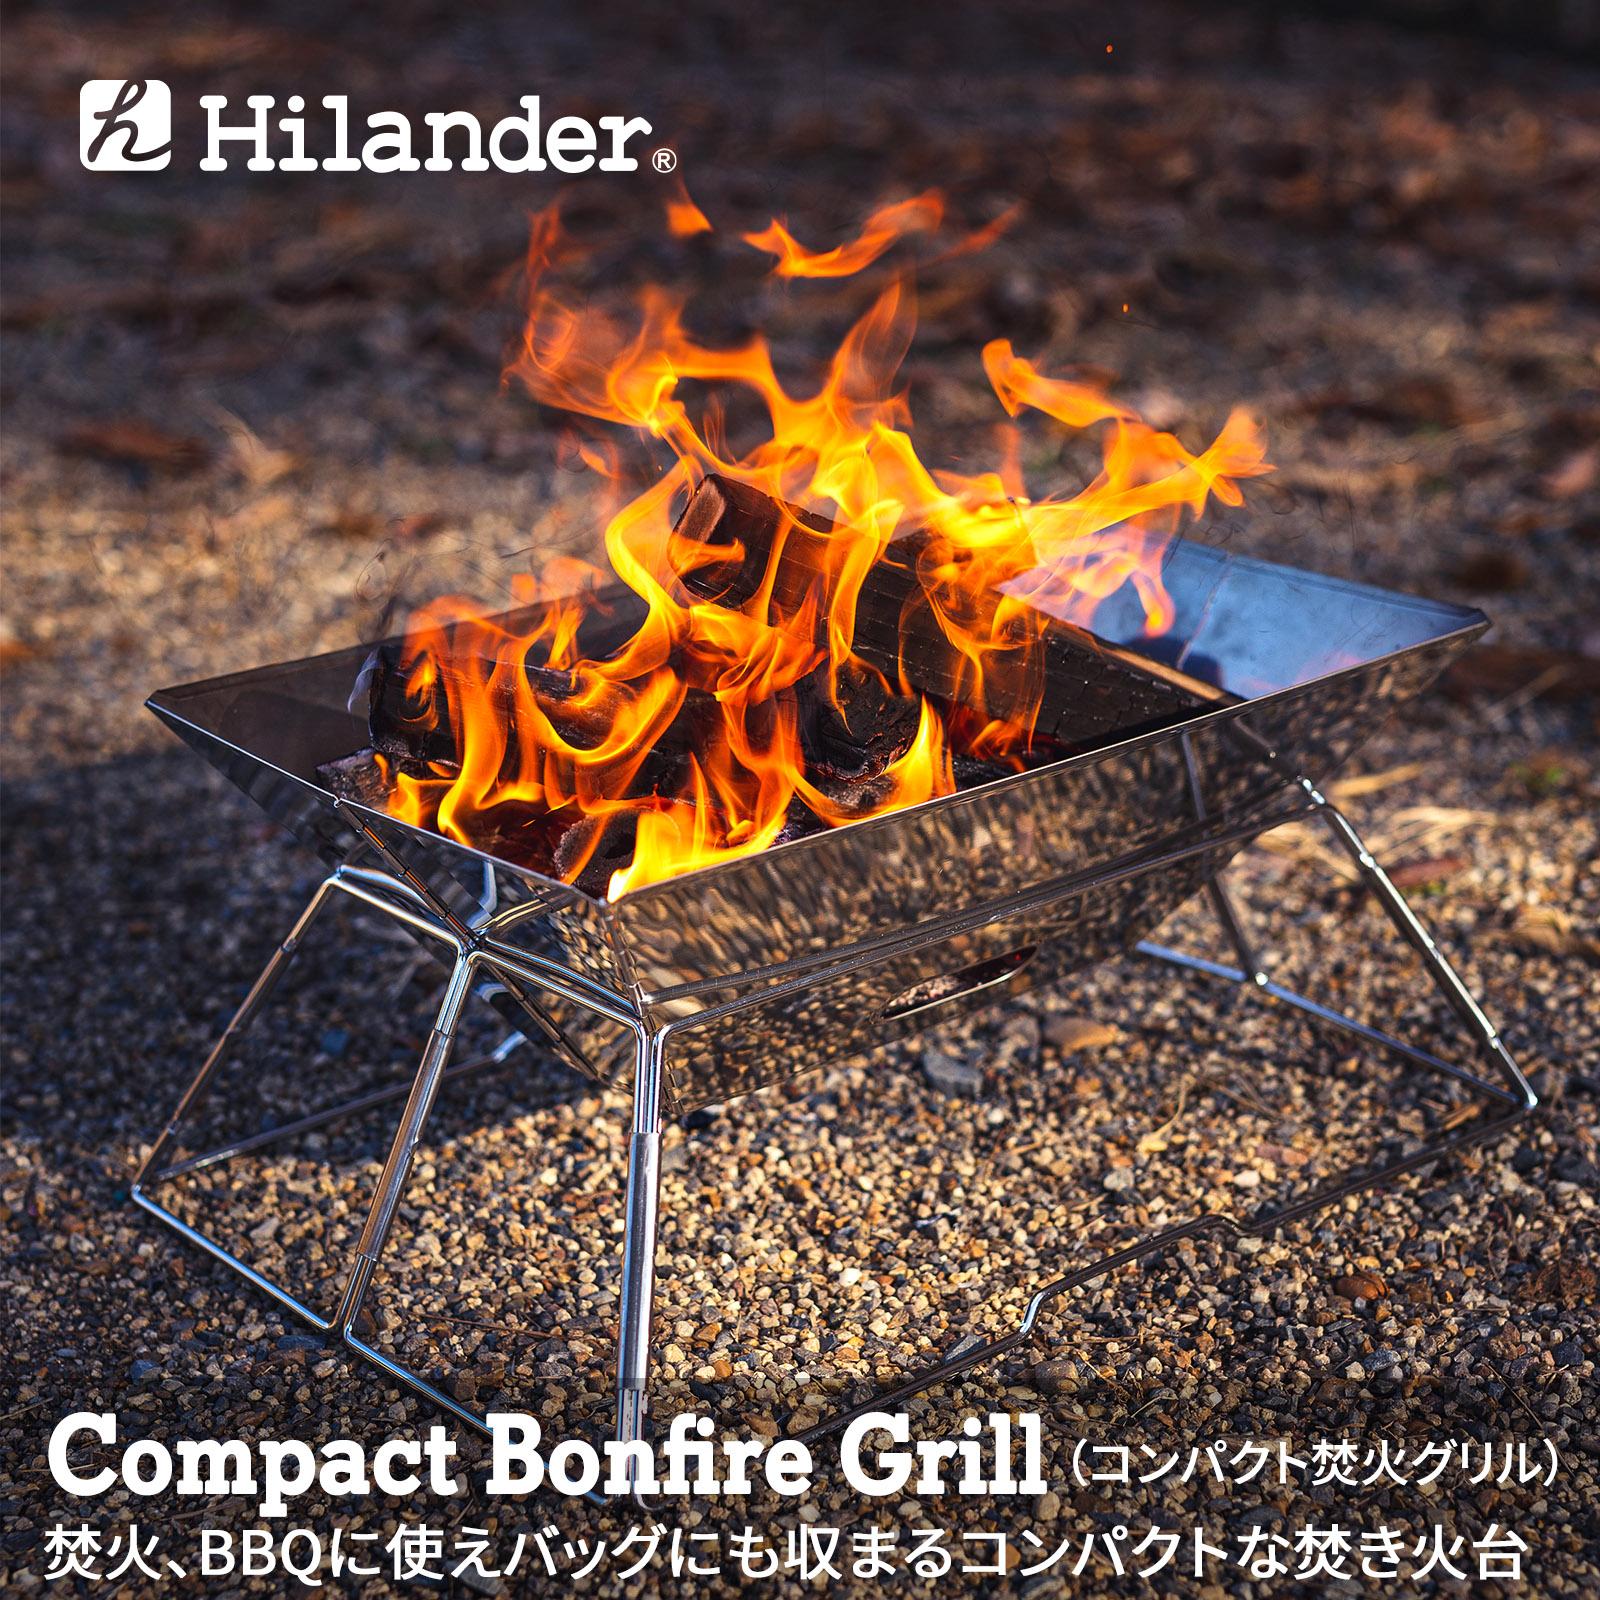 Hilander(ハイランダー) コンパクト焚火グリル